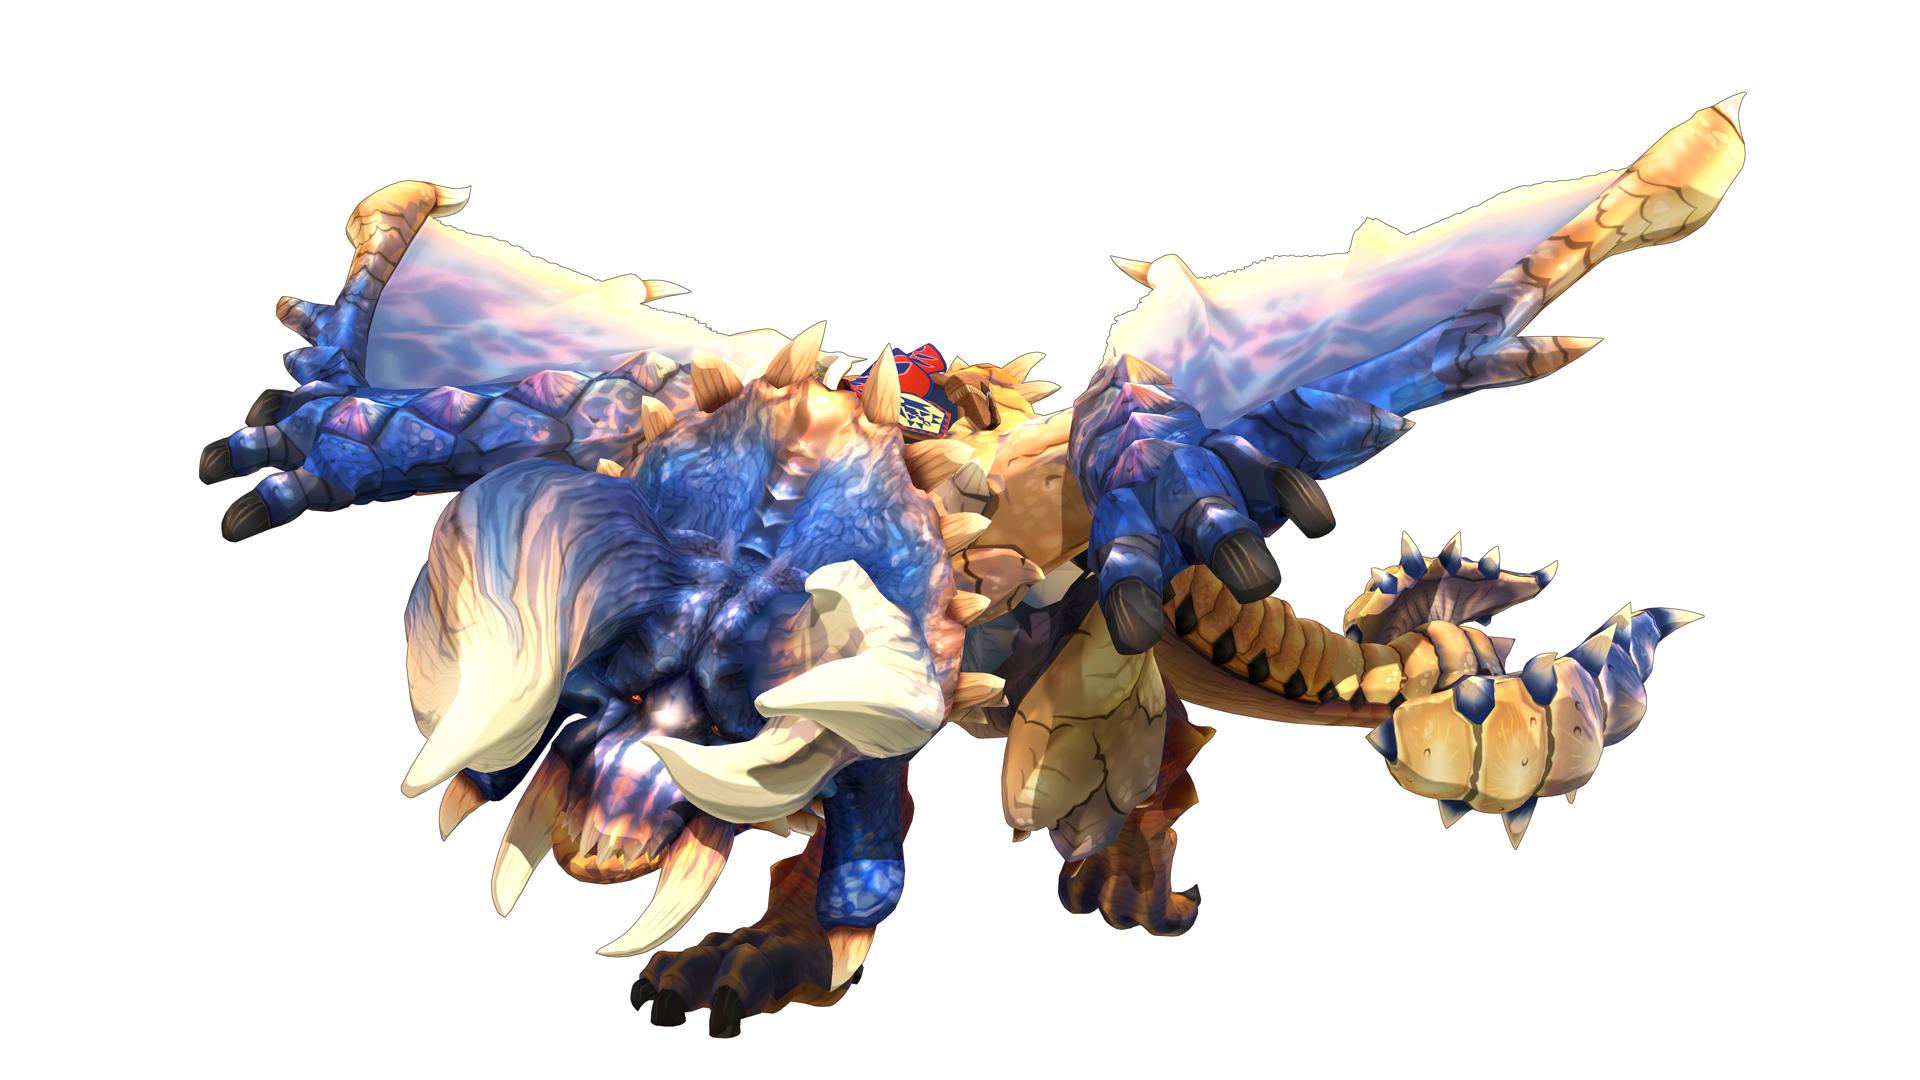 《怪物猎人物语2-毁灭之翼》公开发售后,免费游戏更新和授权后物品详情。  -怪物猎人物语2:毁灭之翼